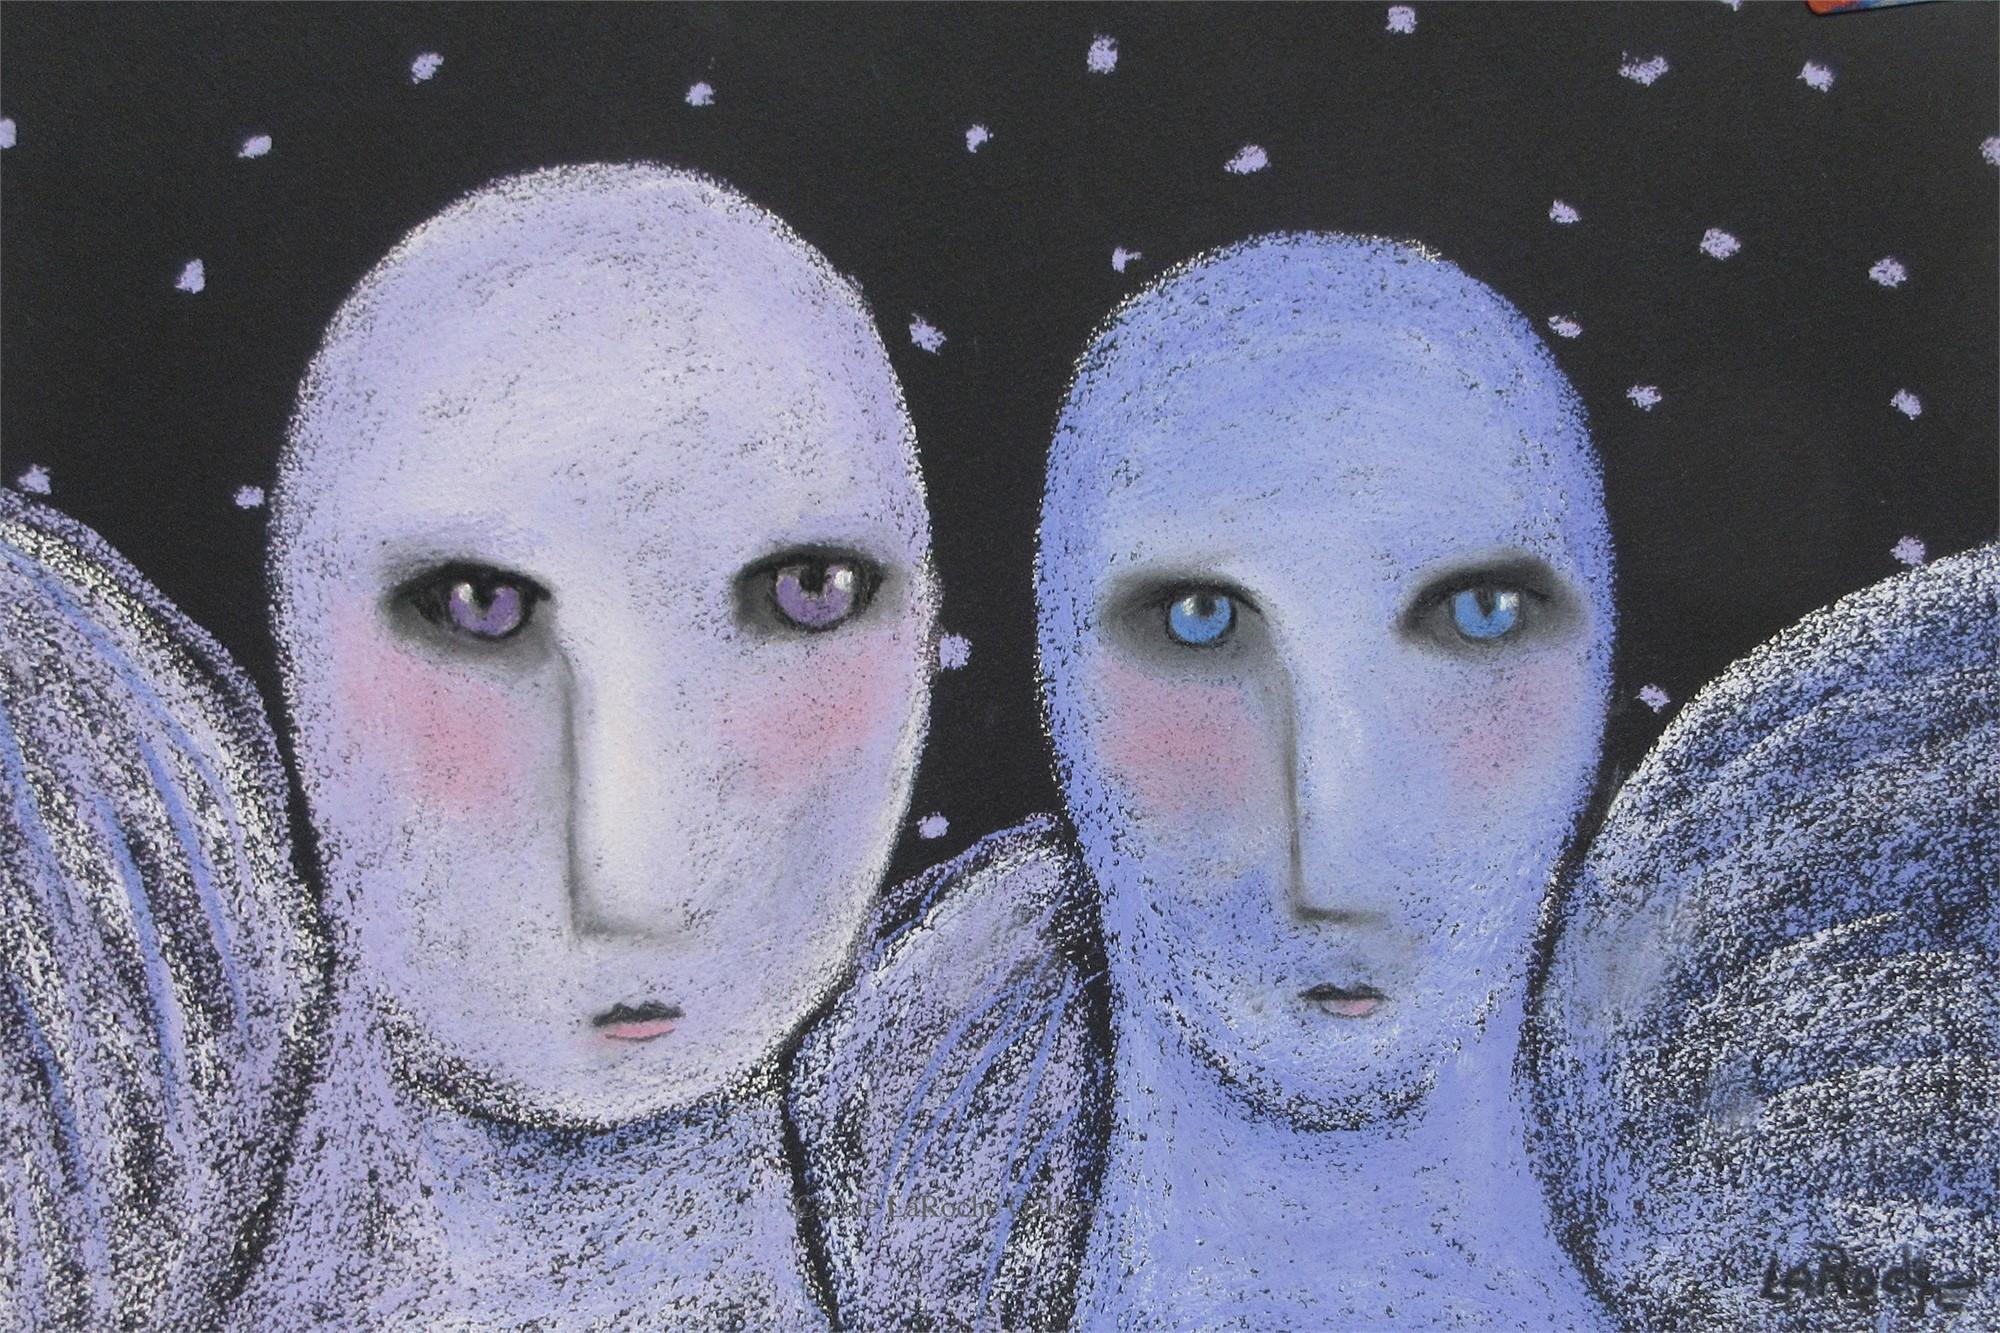 GUARDIAN ANGELS by Carole LaRoche